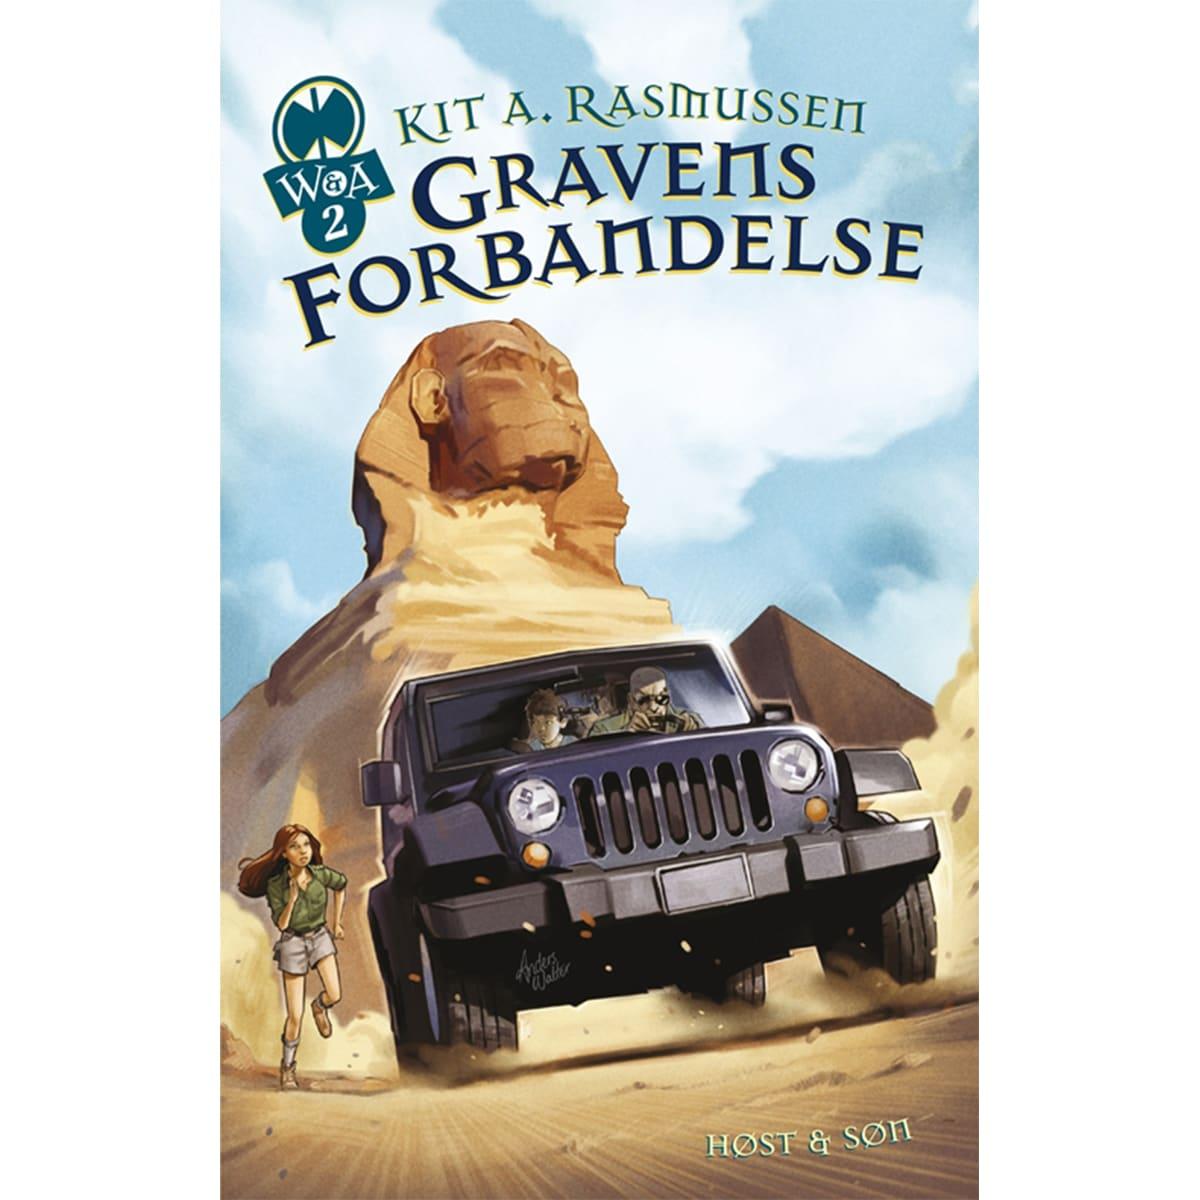 Af Kit A. Rasmussen